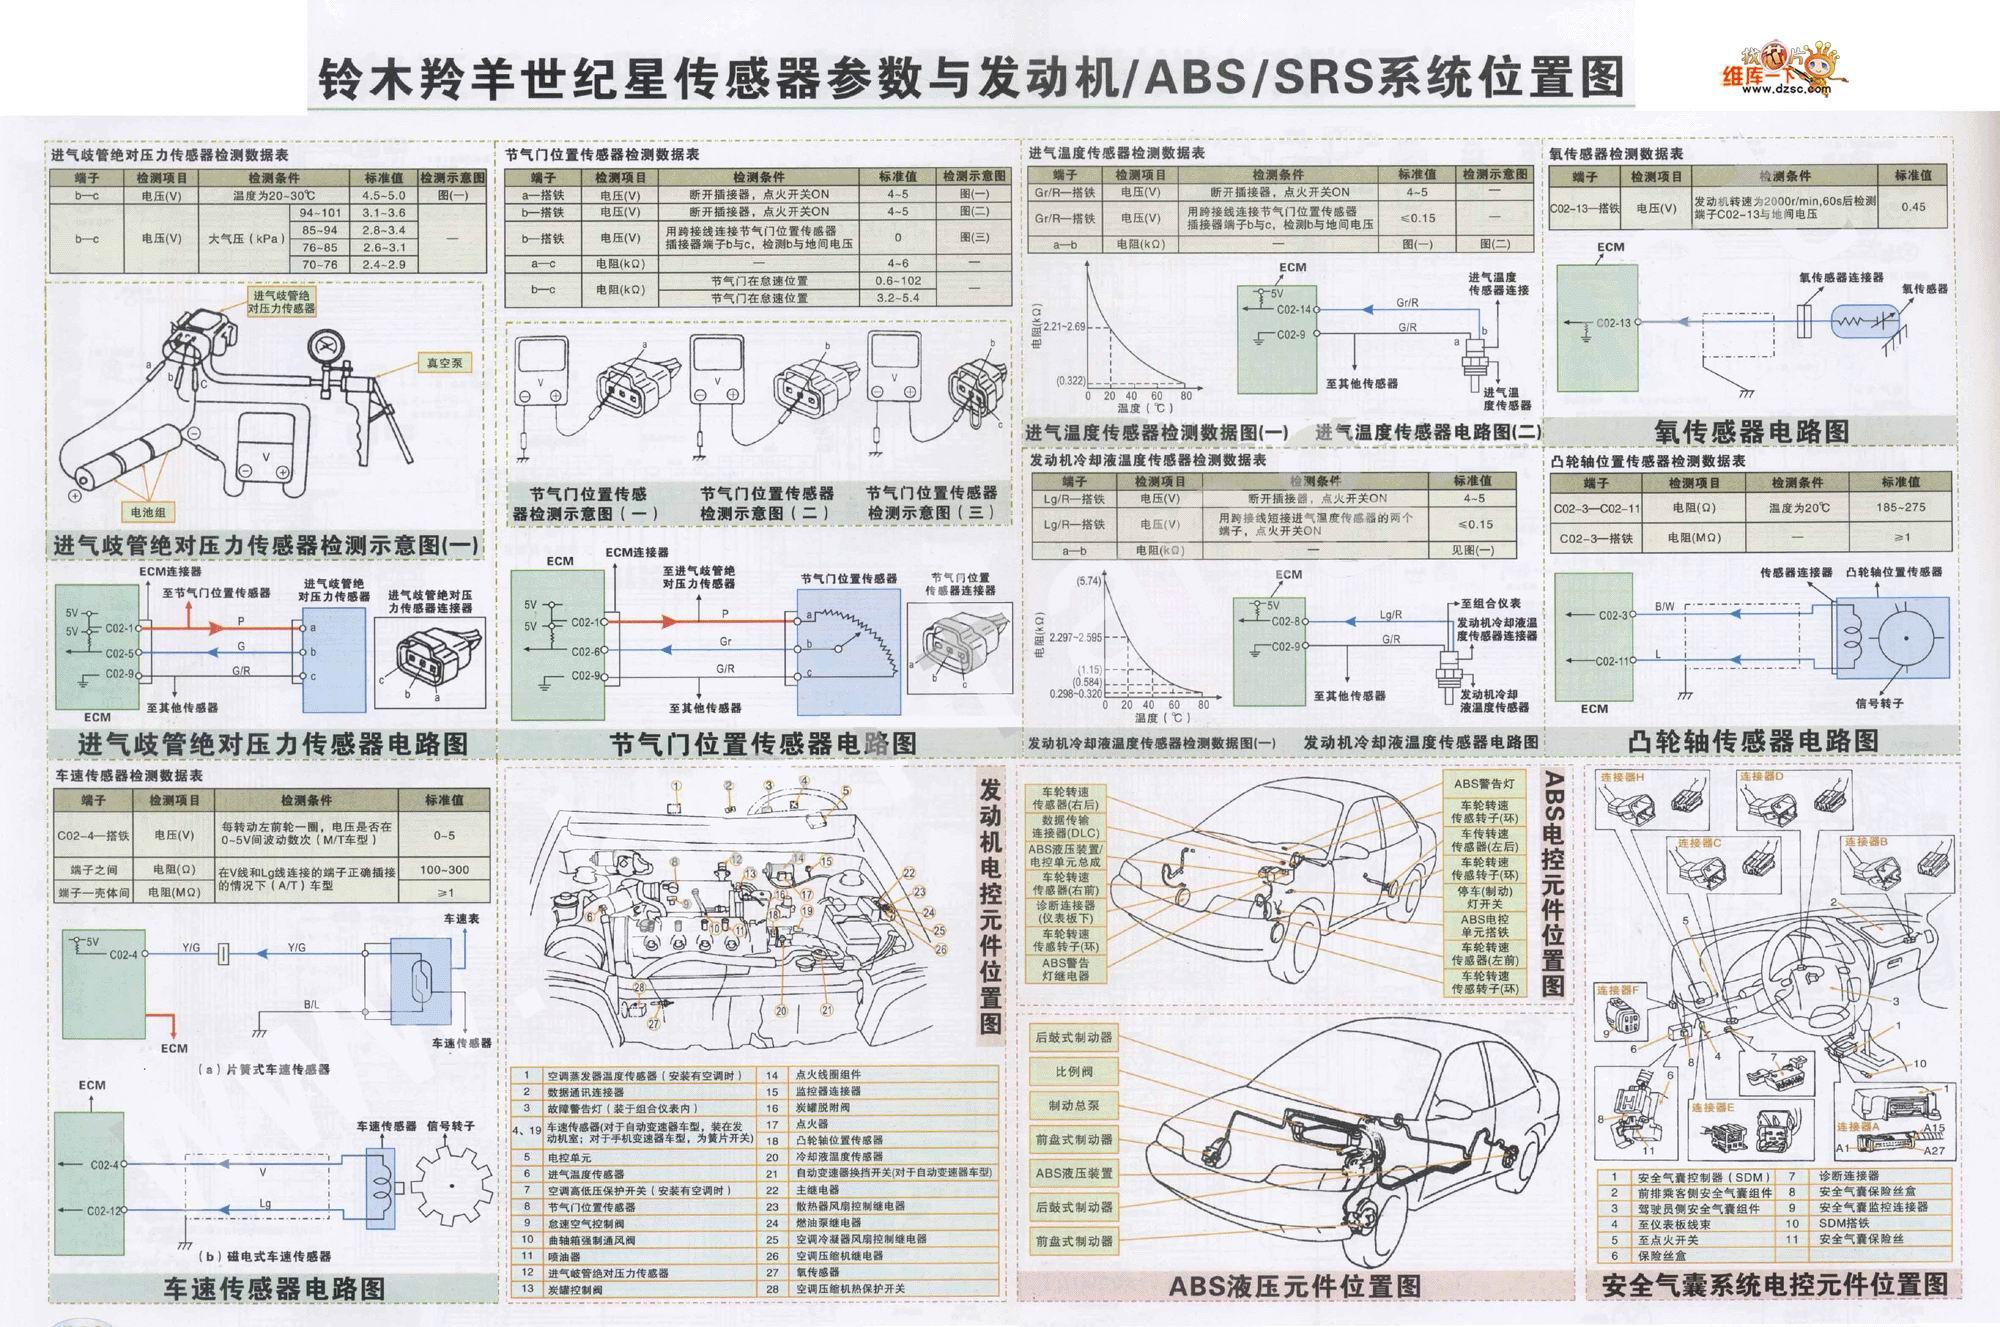 首页 电路图 汽车电路图 铃木 >> 铃木羚羊世纪星传感器参数与发动机